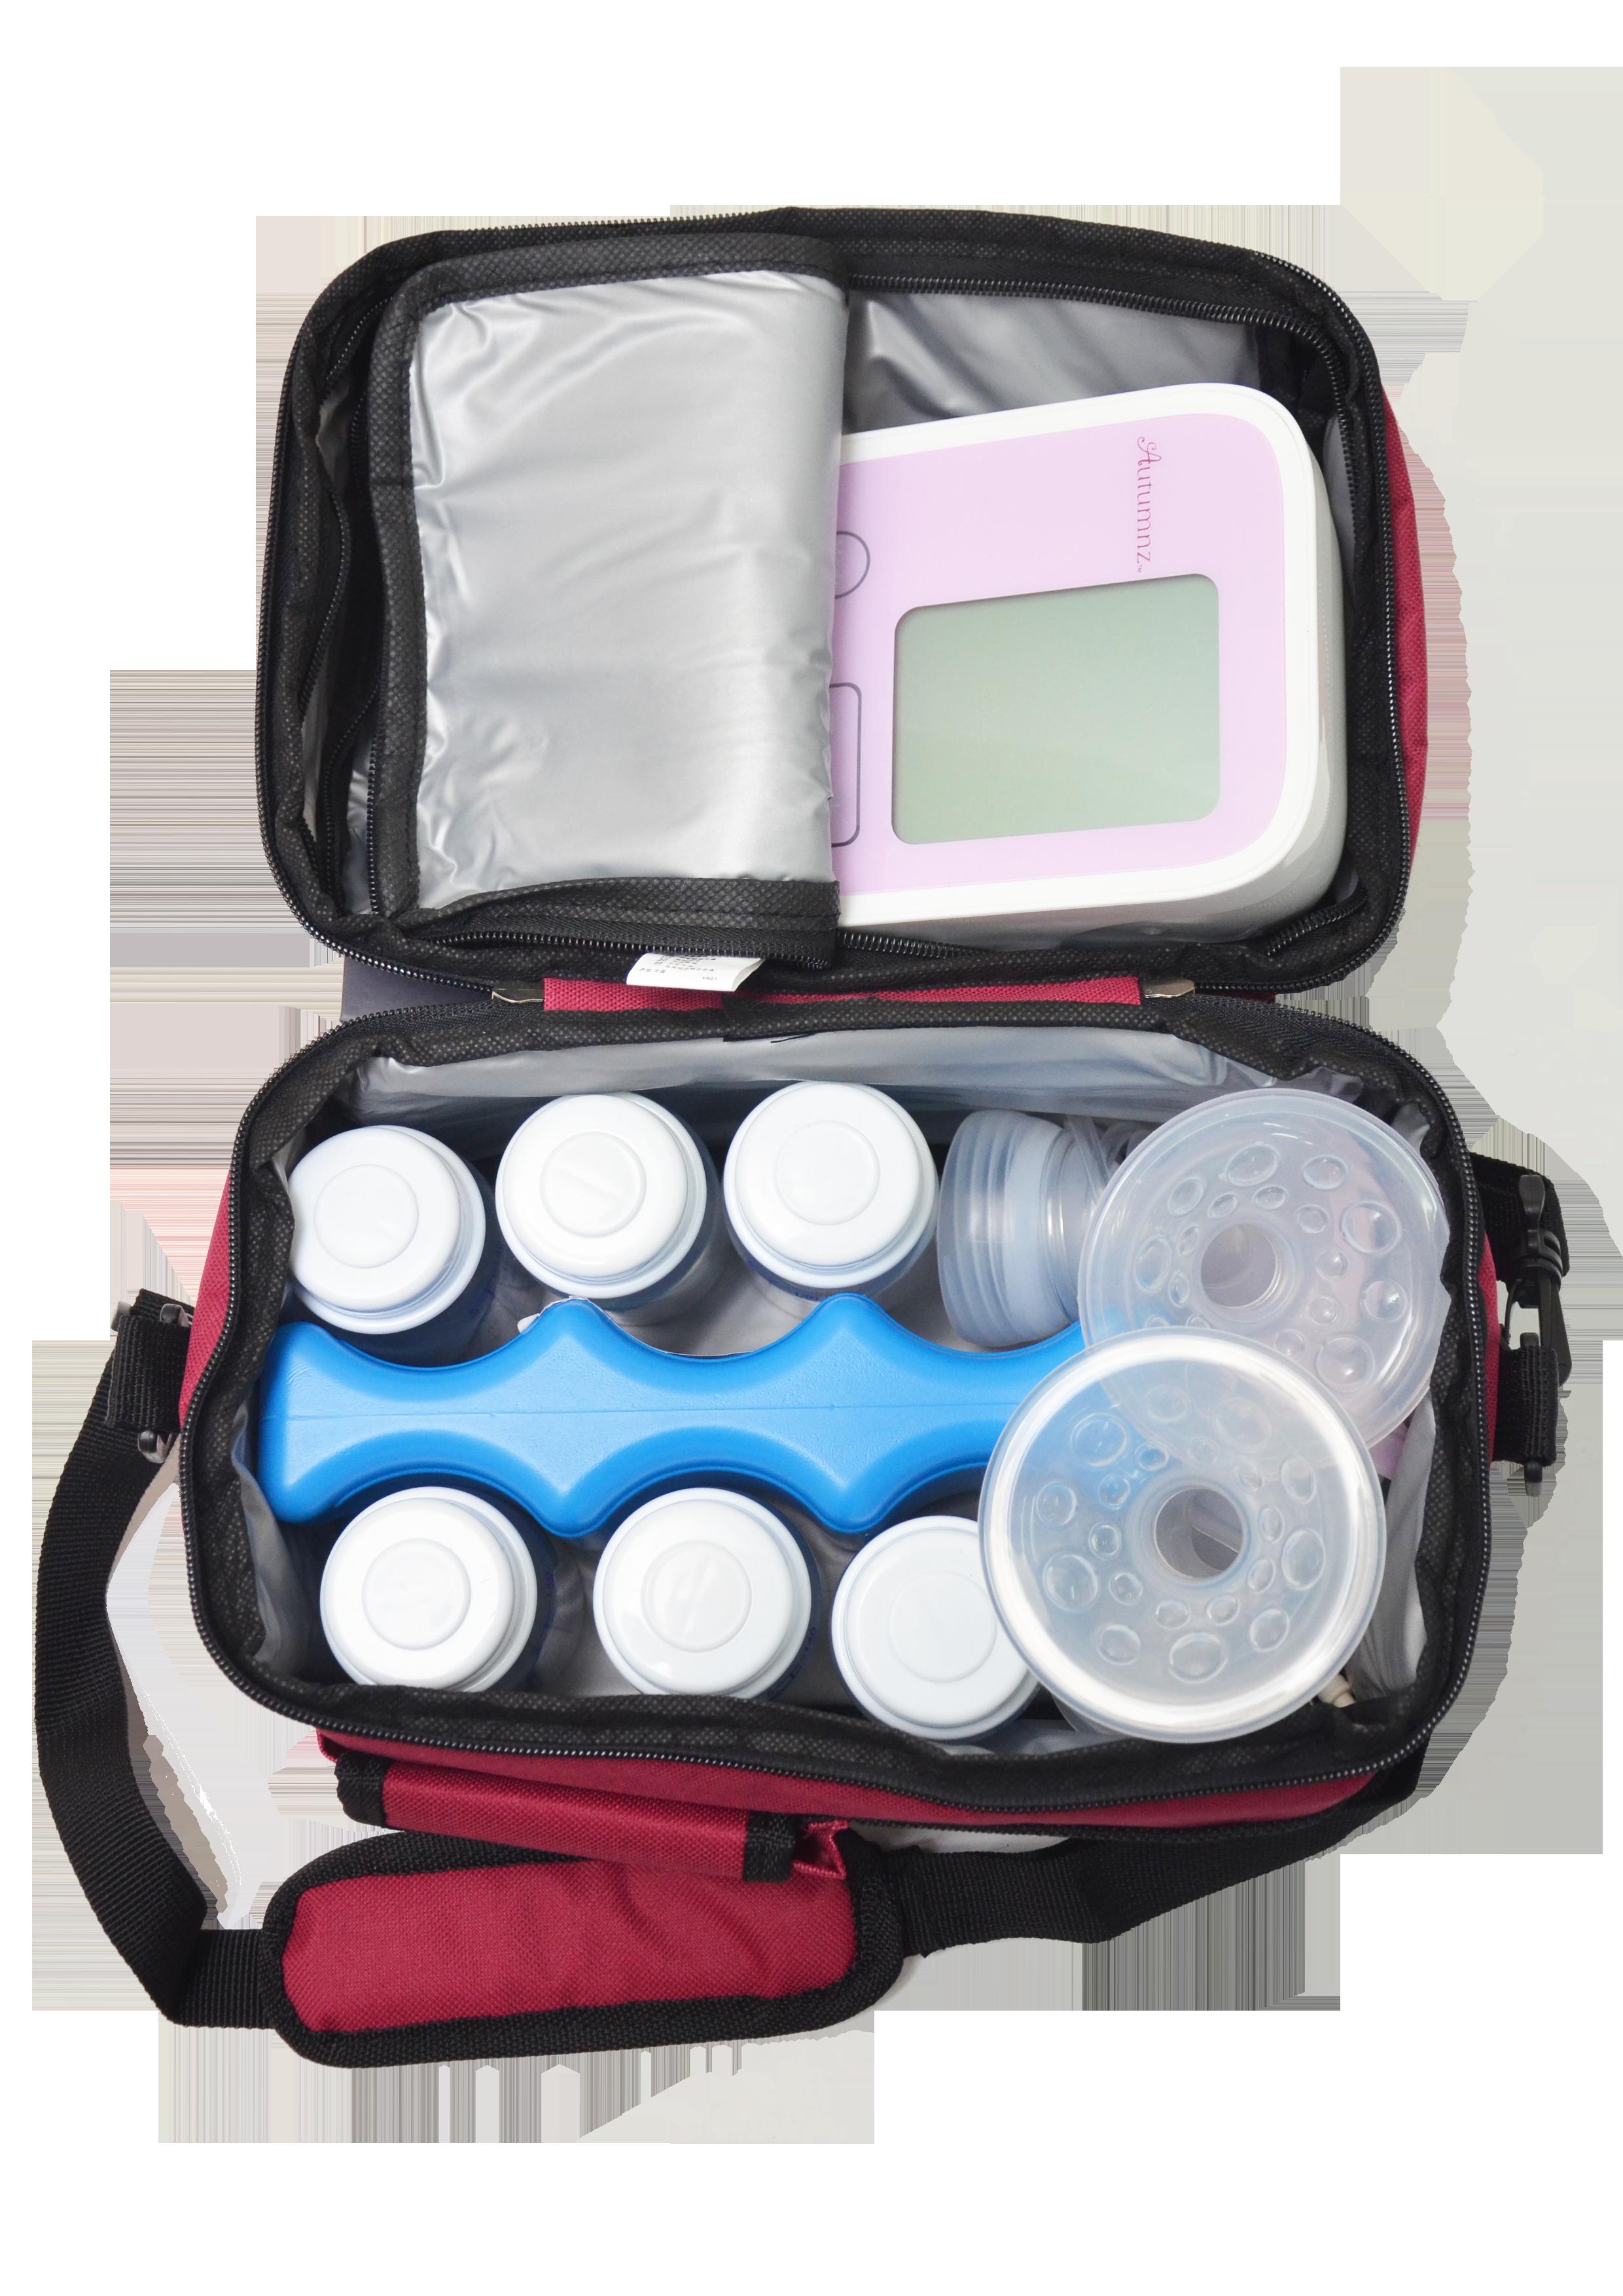 Pumponthego V Cool Cooler Bag Pumponthego